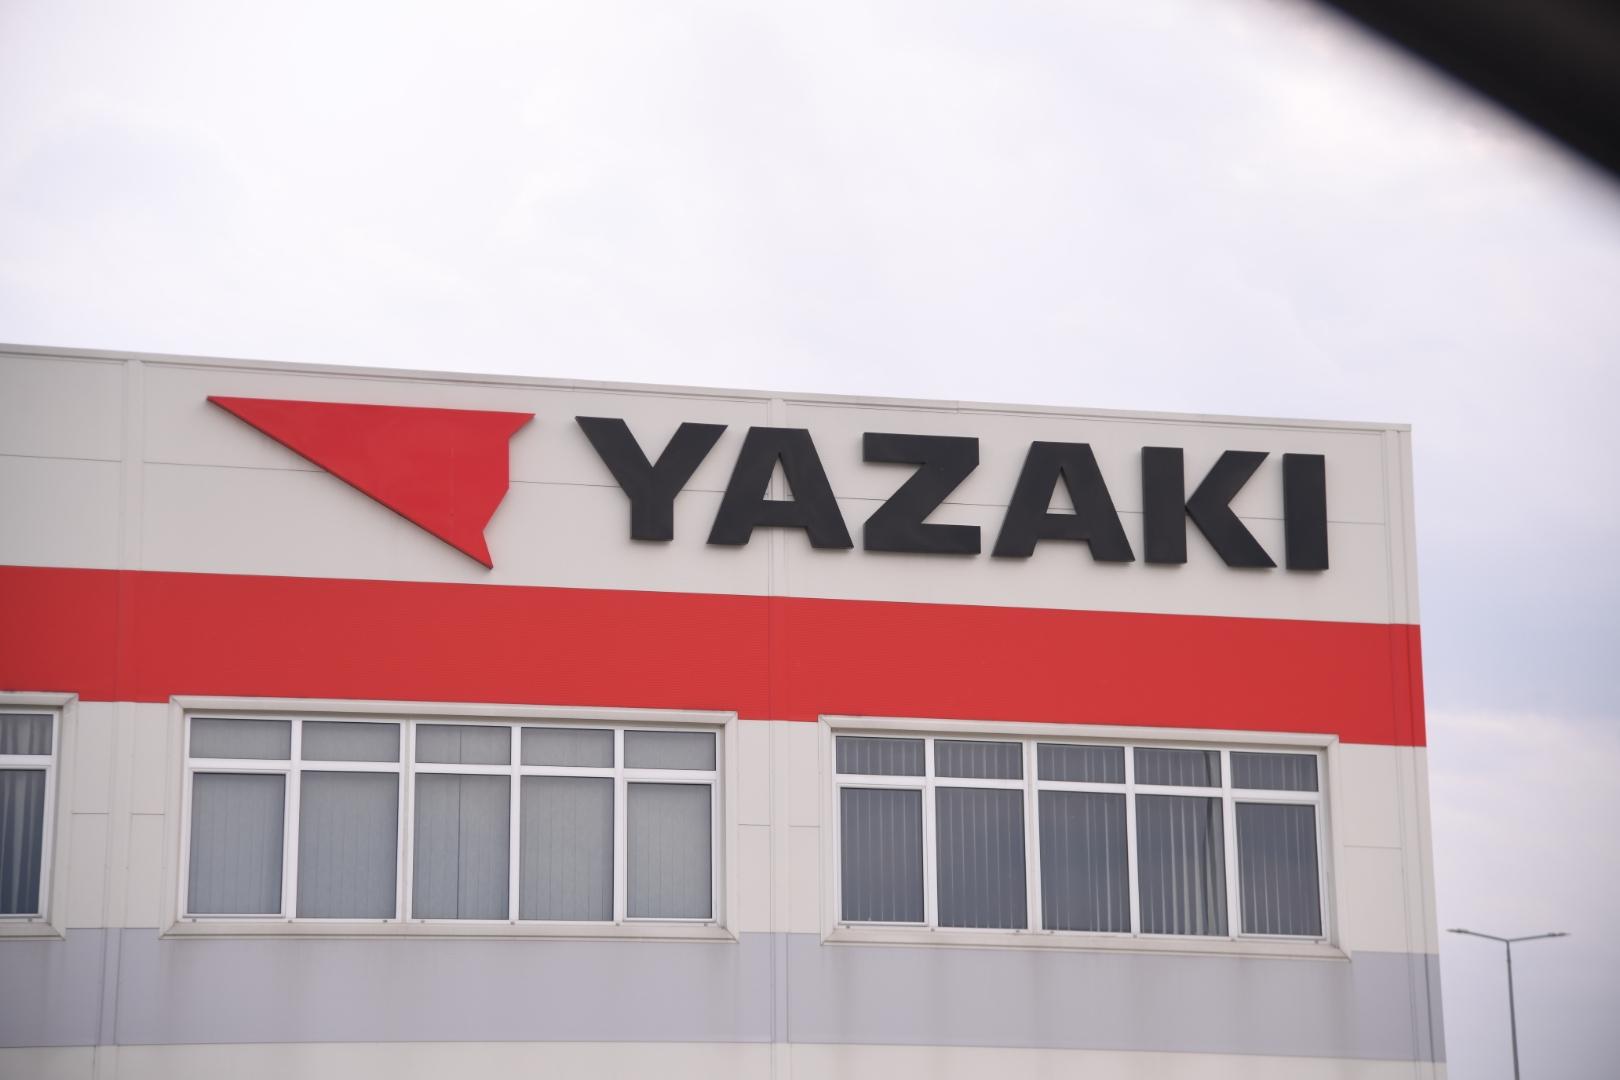 Fabrika Yazaki Jazaki